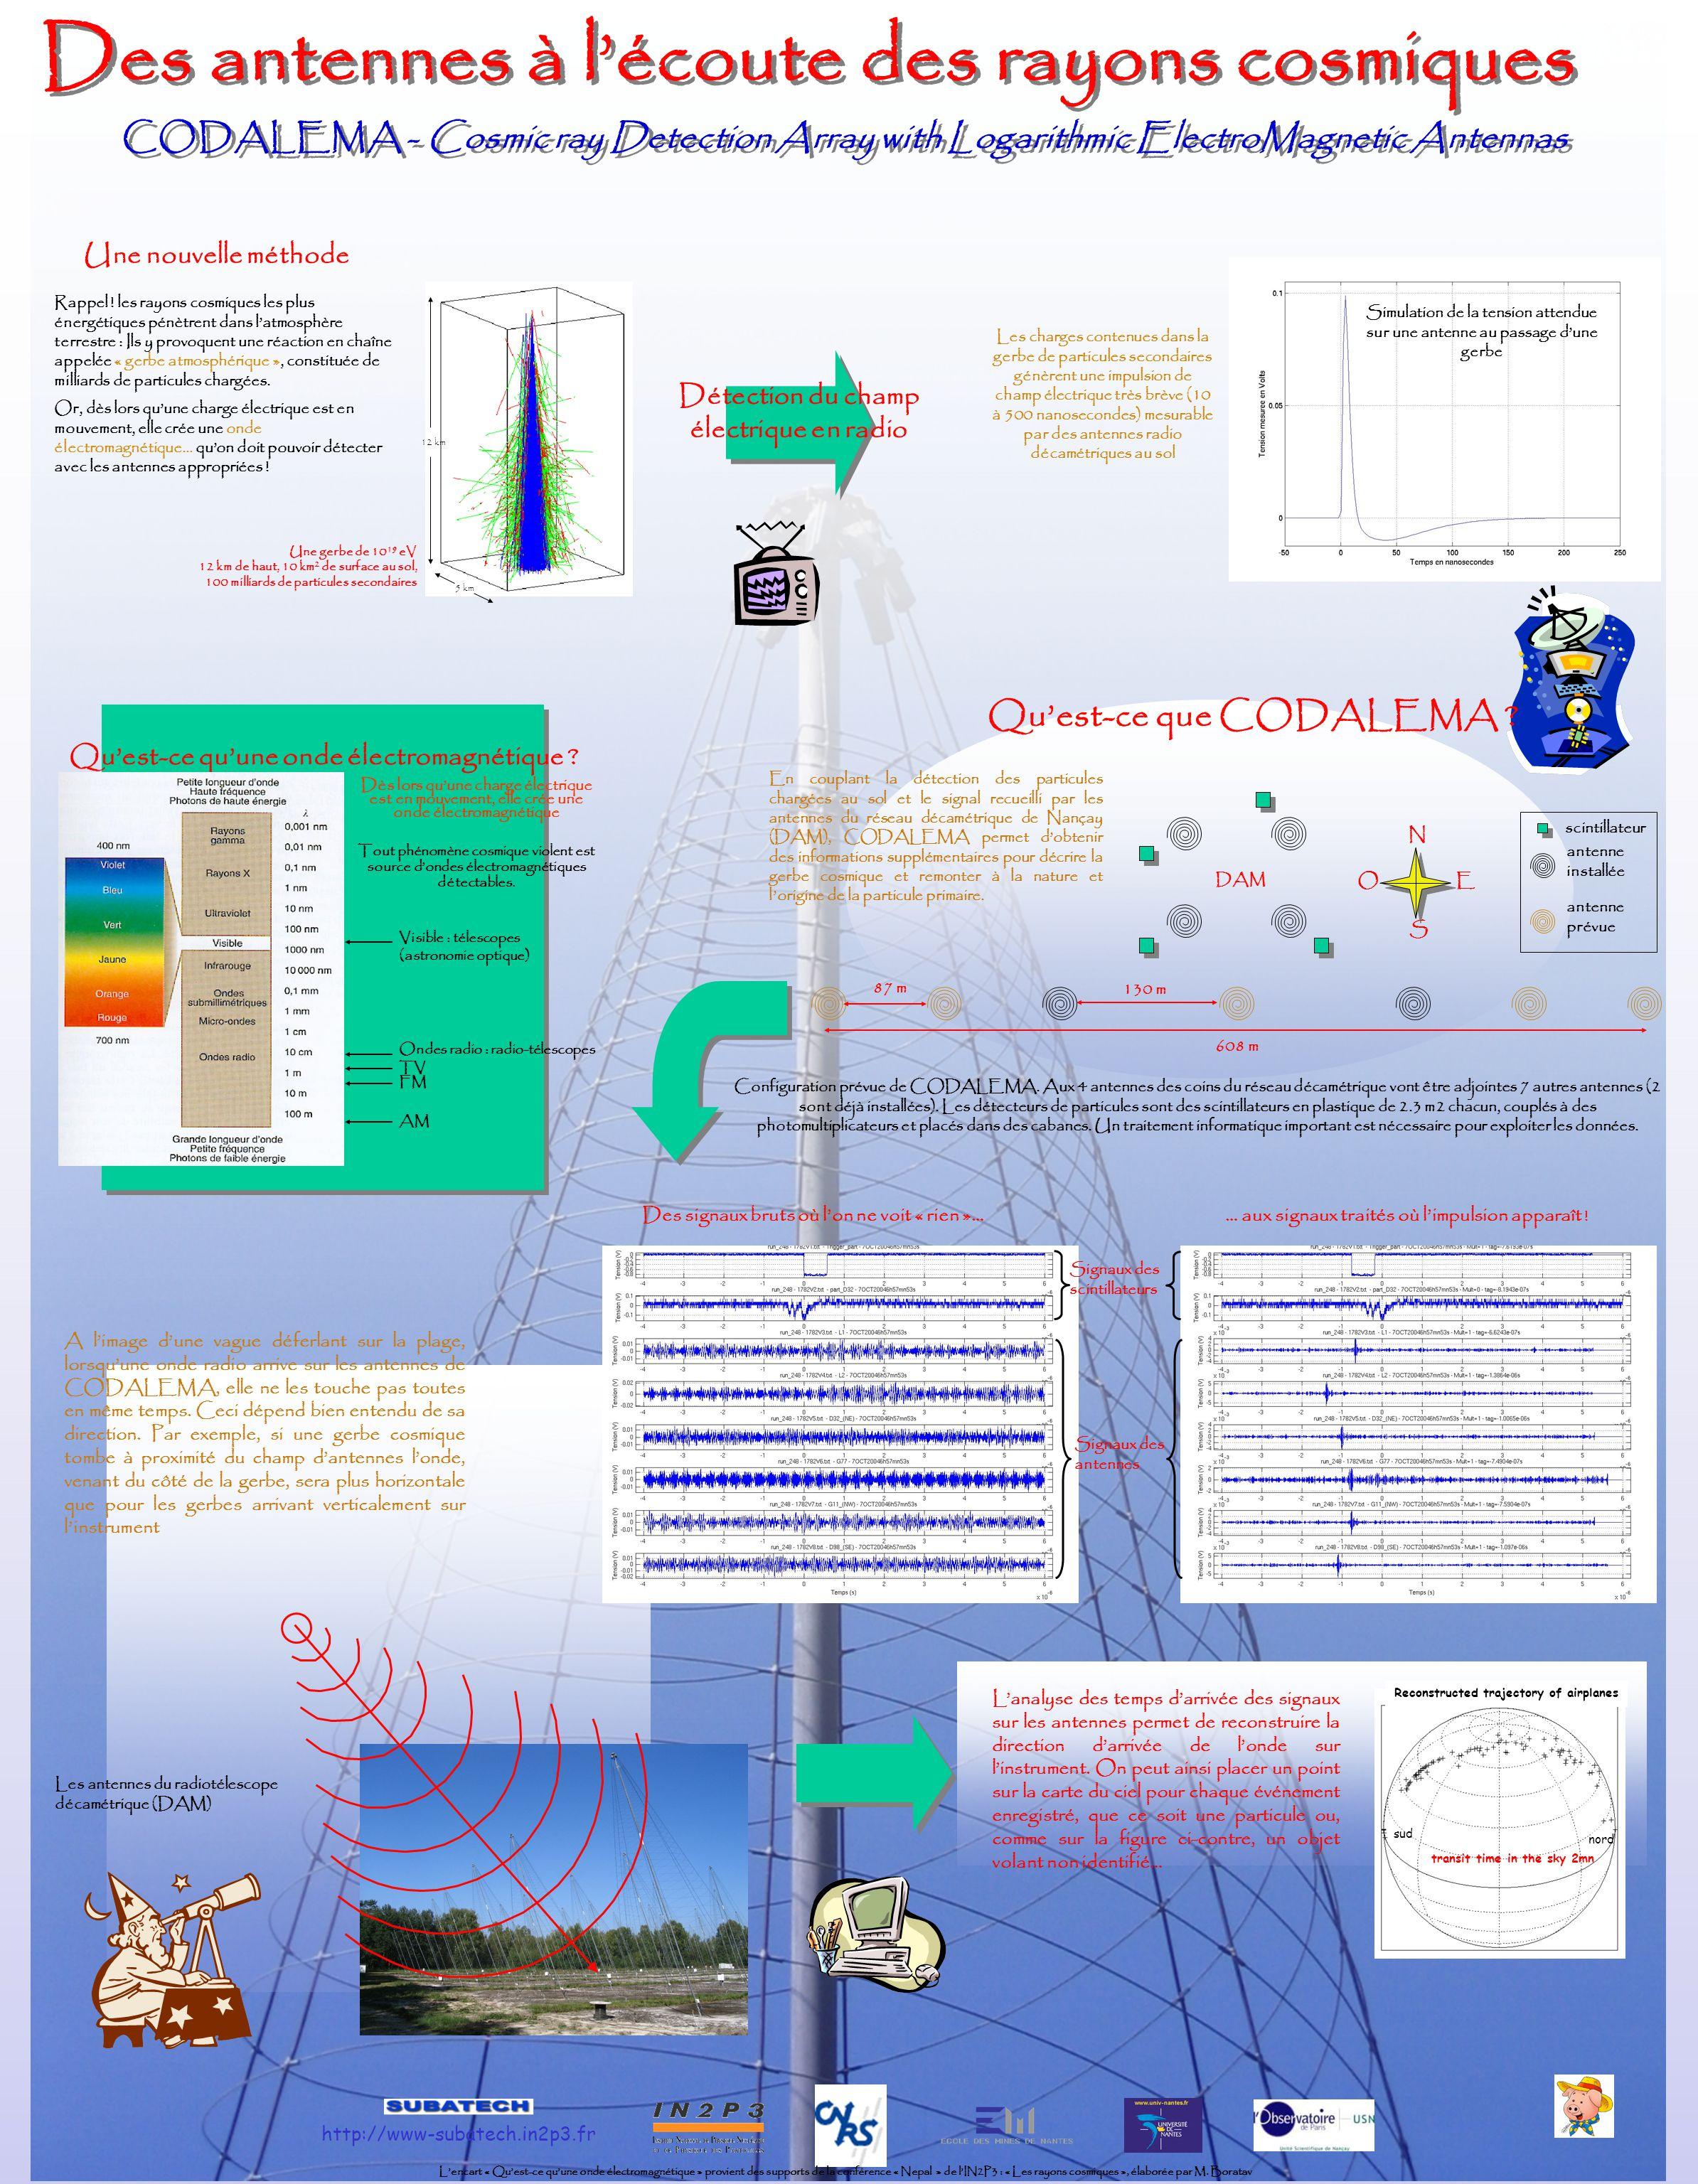 http://www-subatech.in2p3.fr L'encart « Qu'est-ce qu'une onde électromagnétique » provient des supports de la conférence « Nepal » de l'IN2P3 : « Les rayons cosmiques », élaborée par M.